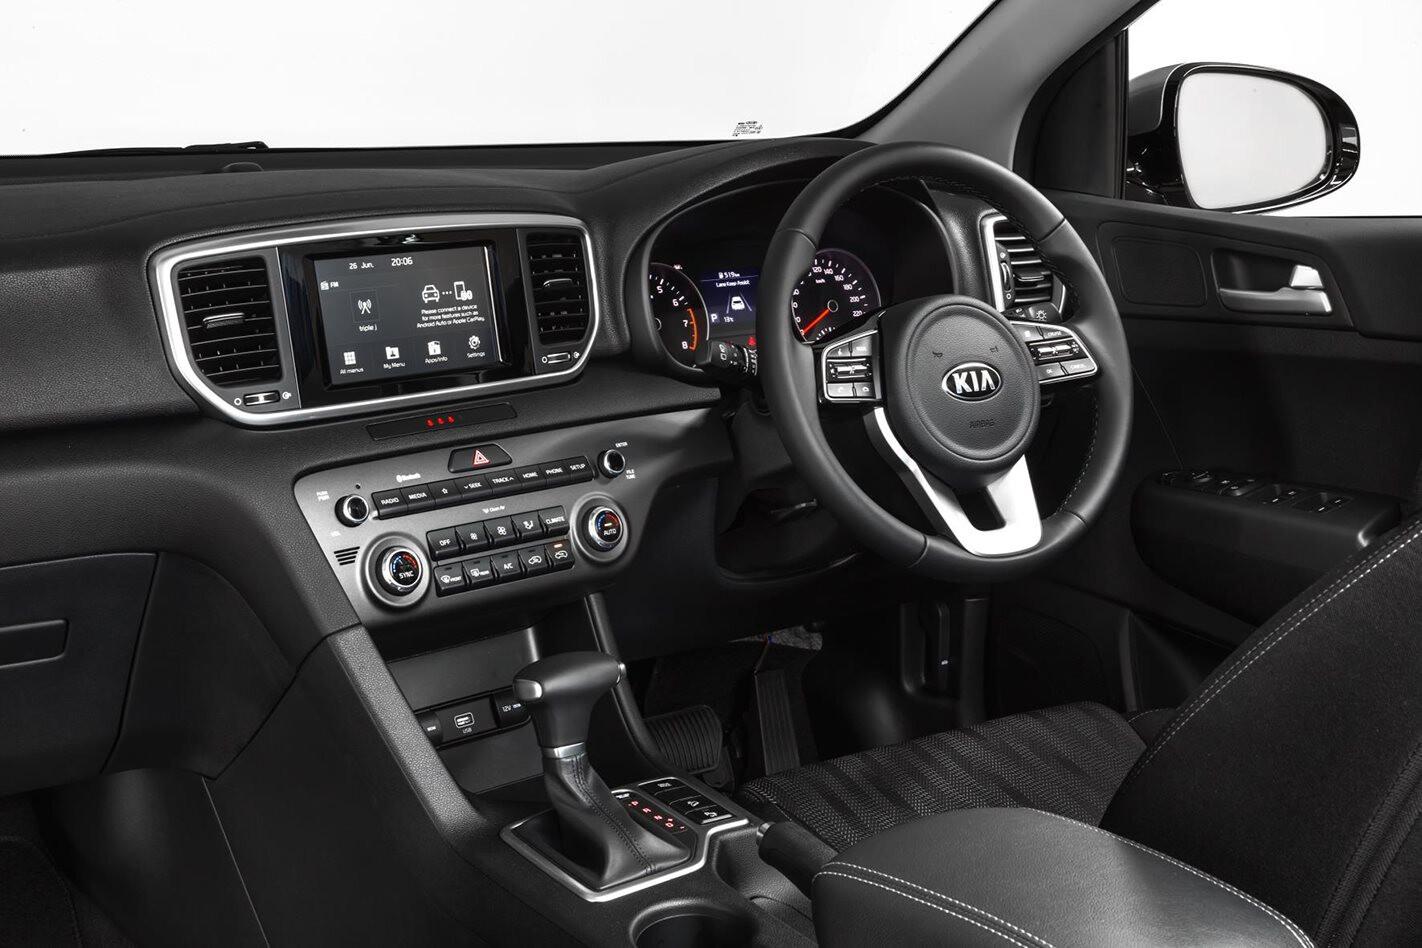 Kia Sportage S interior